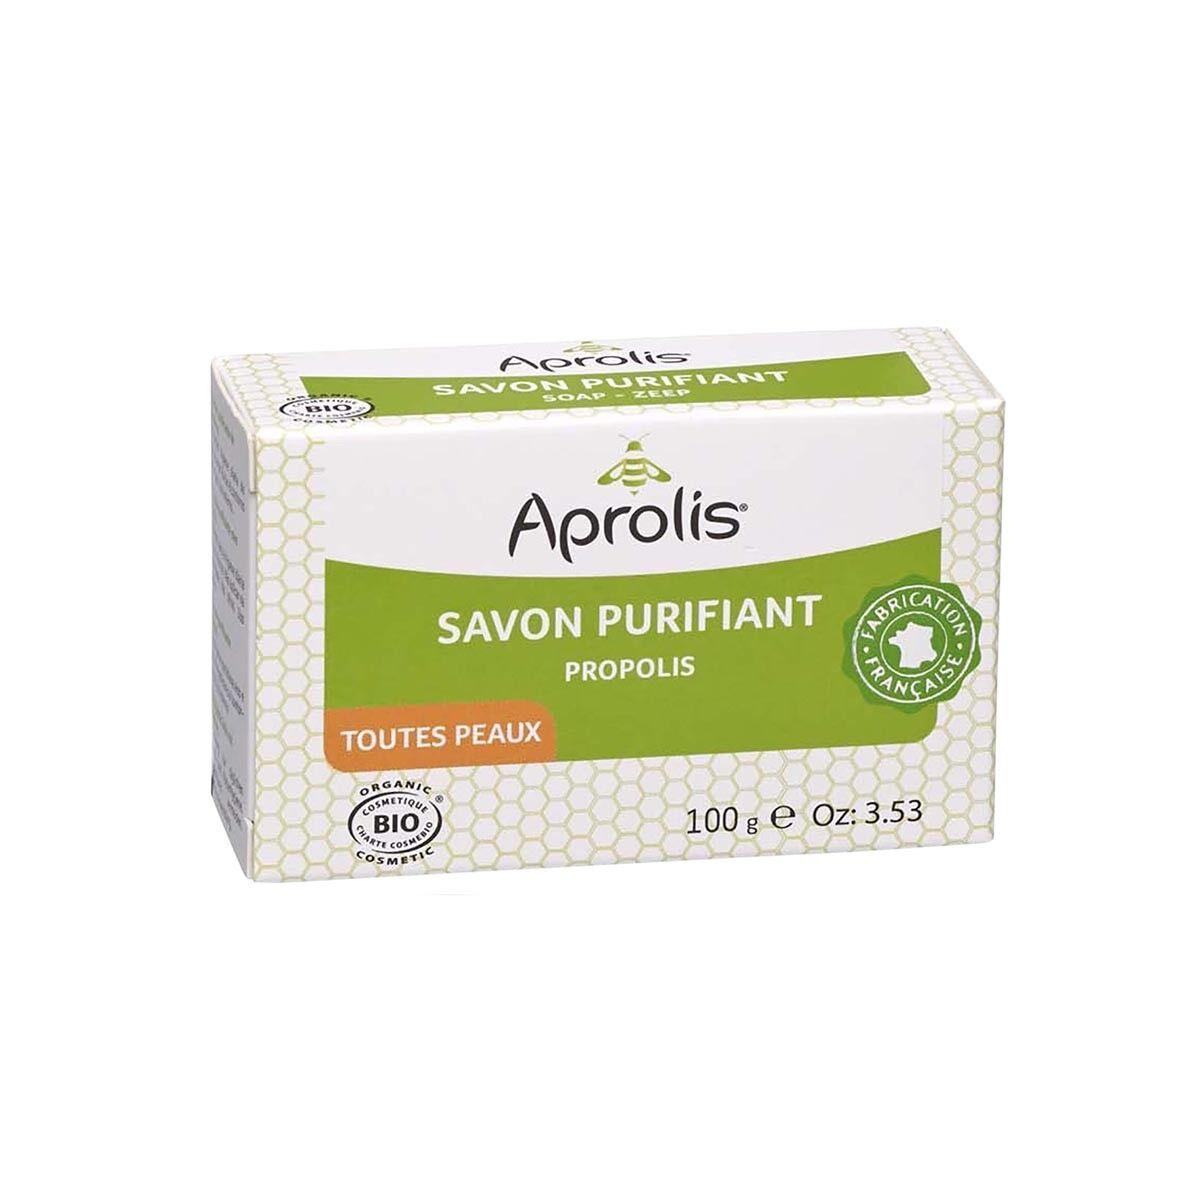 APROLIS Savon Purifiant à la Propolis 100g Bio - Aprolis